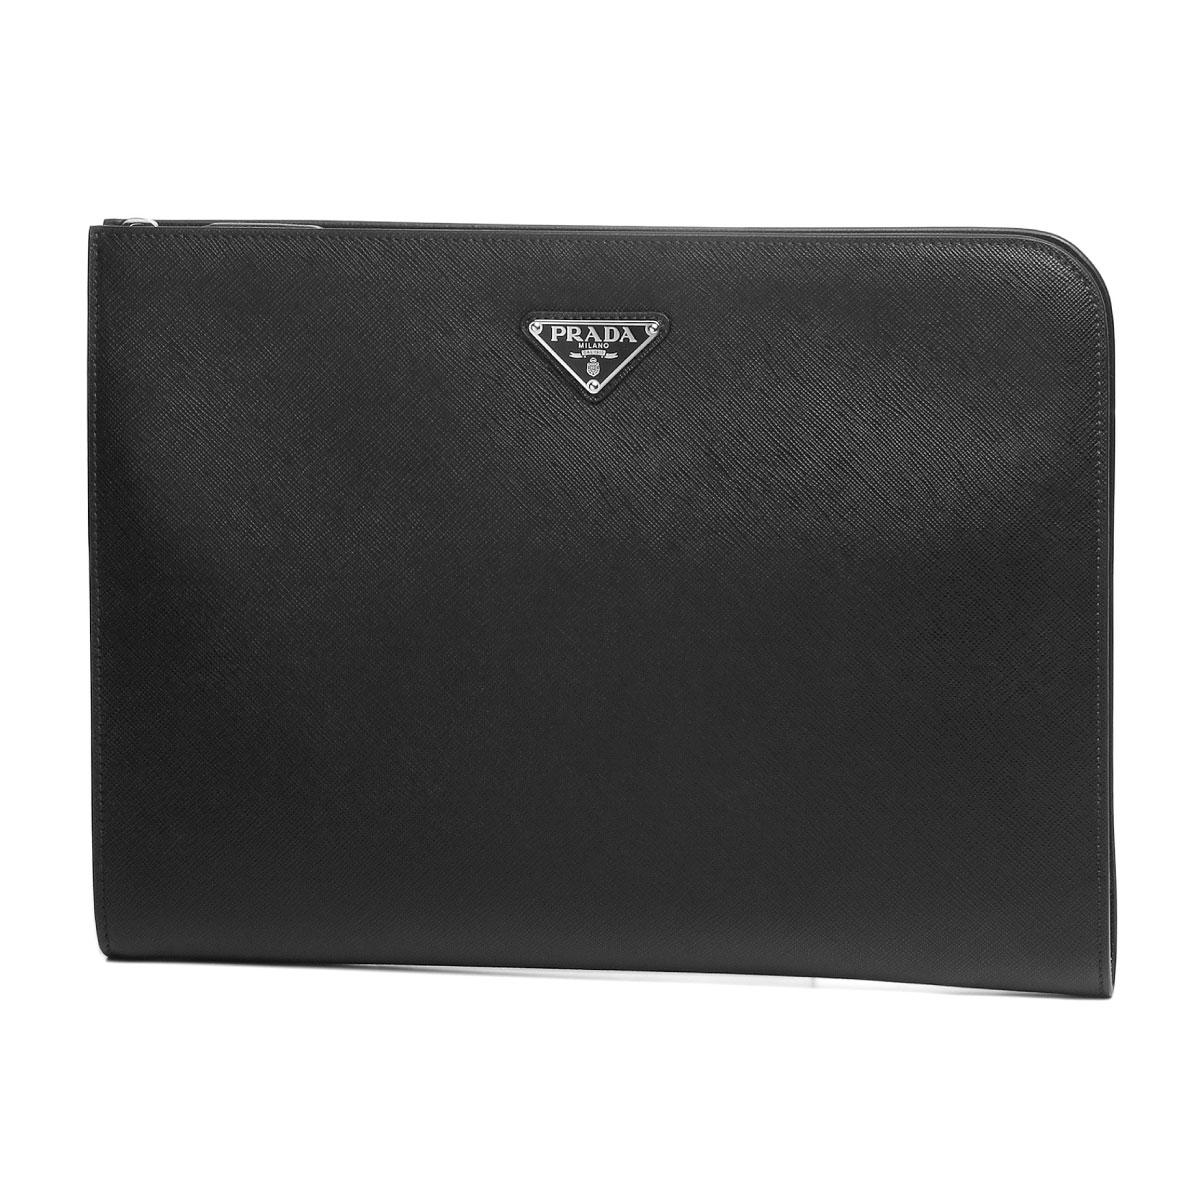 76859af6e646 importshopdouble: Prada PRADA bag men 2VN003 OOO 9Z2 F0002 clutch ...